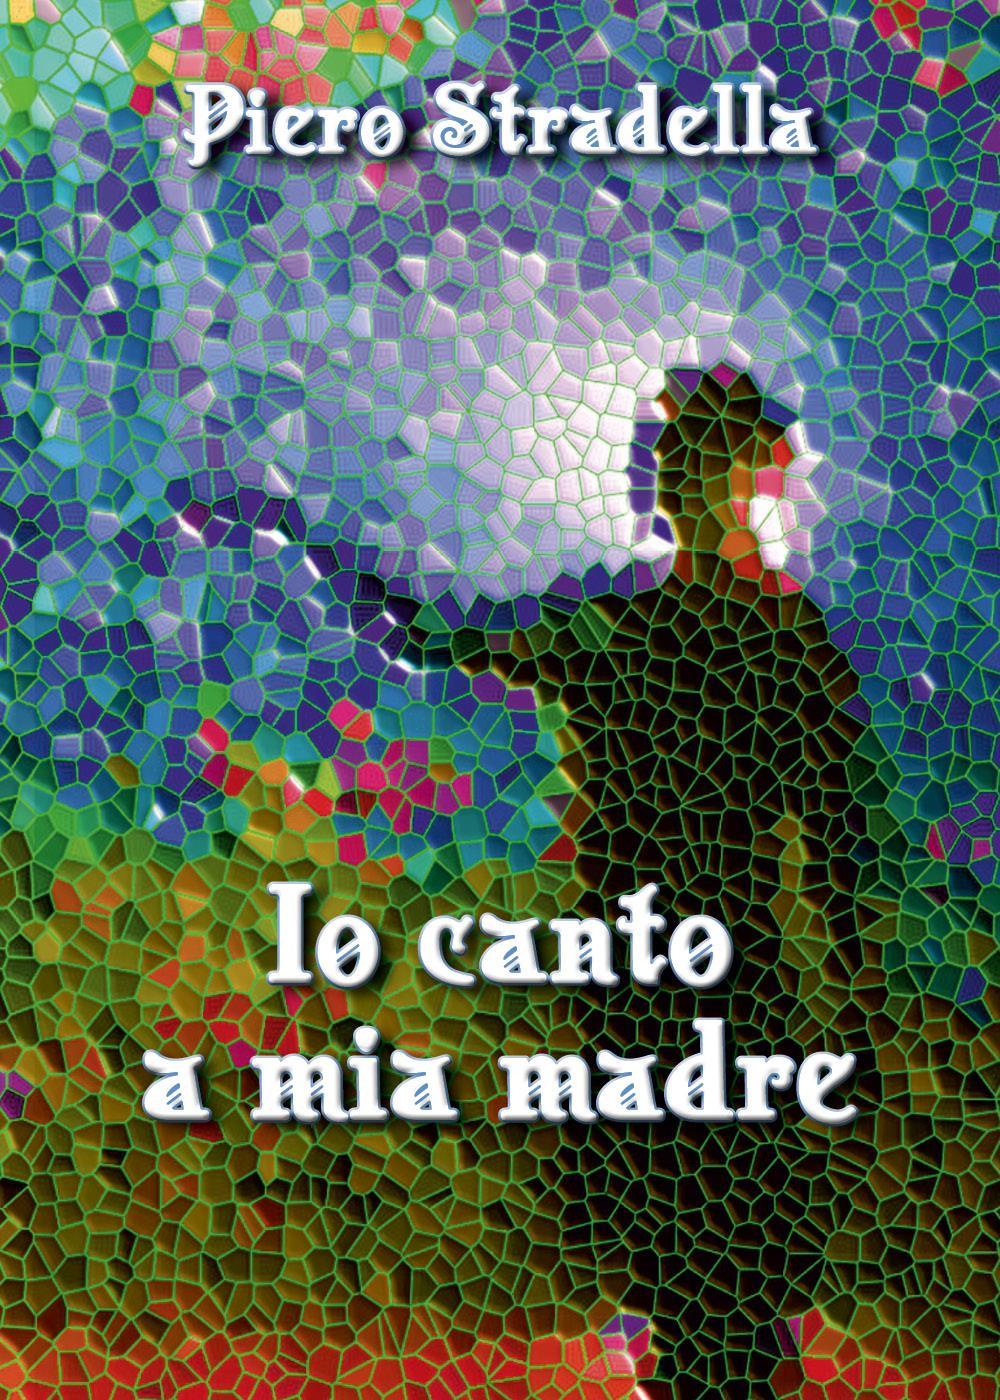 Io canto a mia madre